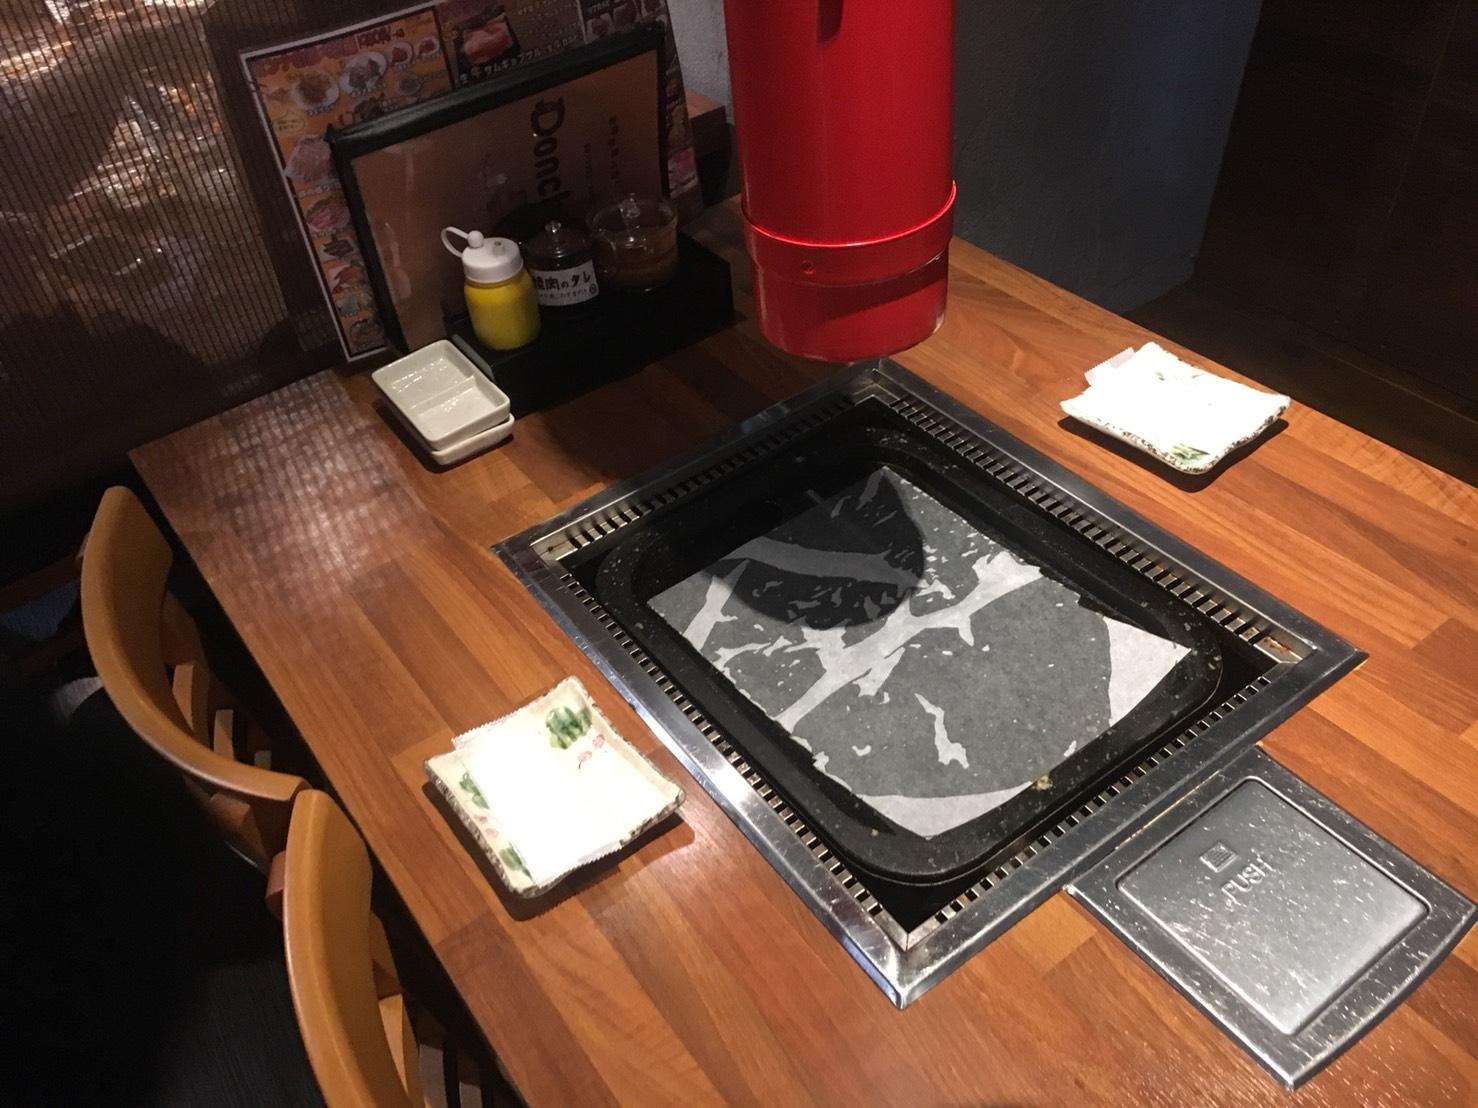 【池袋駅】学生人気高め!韓国料理1,980円食べ放題の激安!「トンチュヤ 池袋東口店」のテーブル